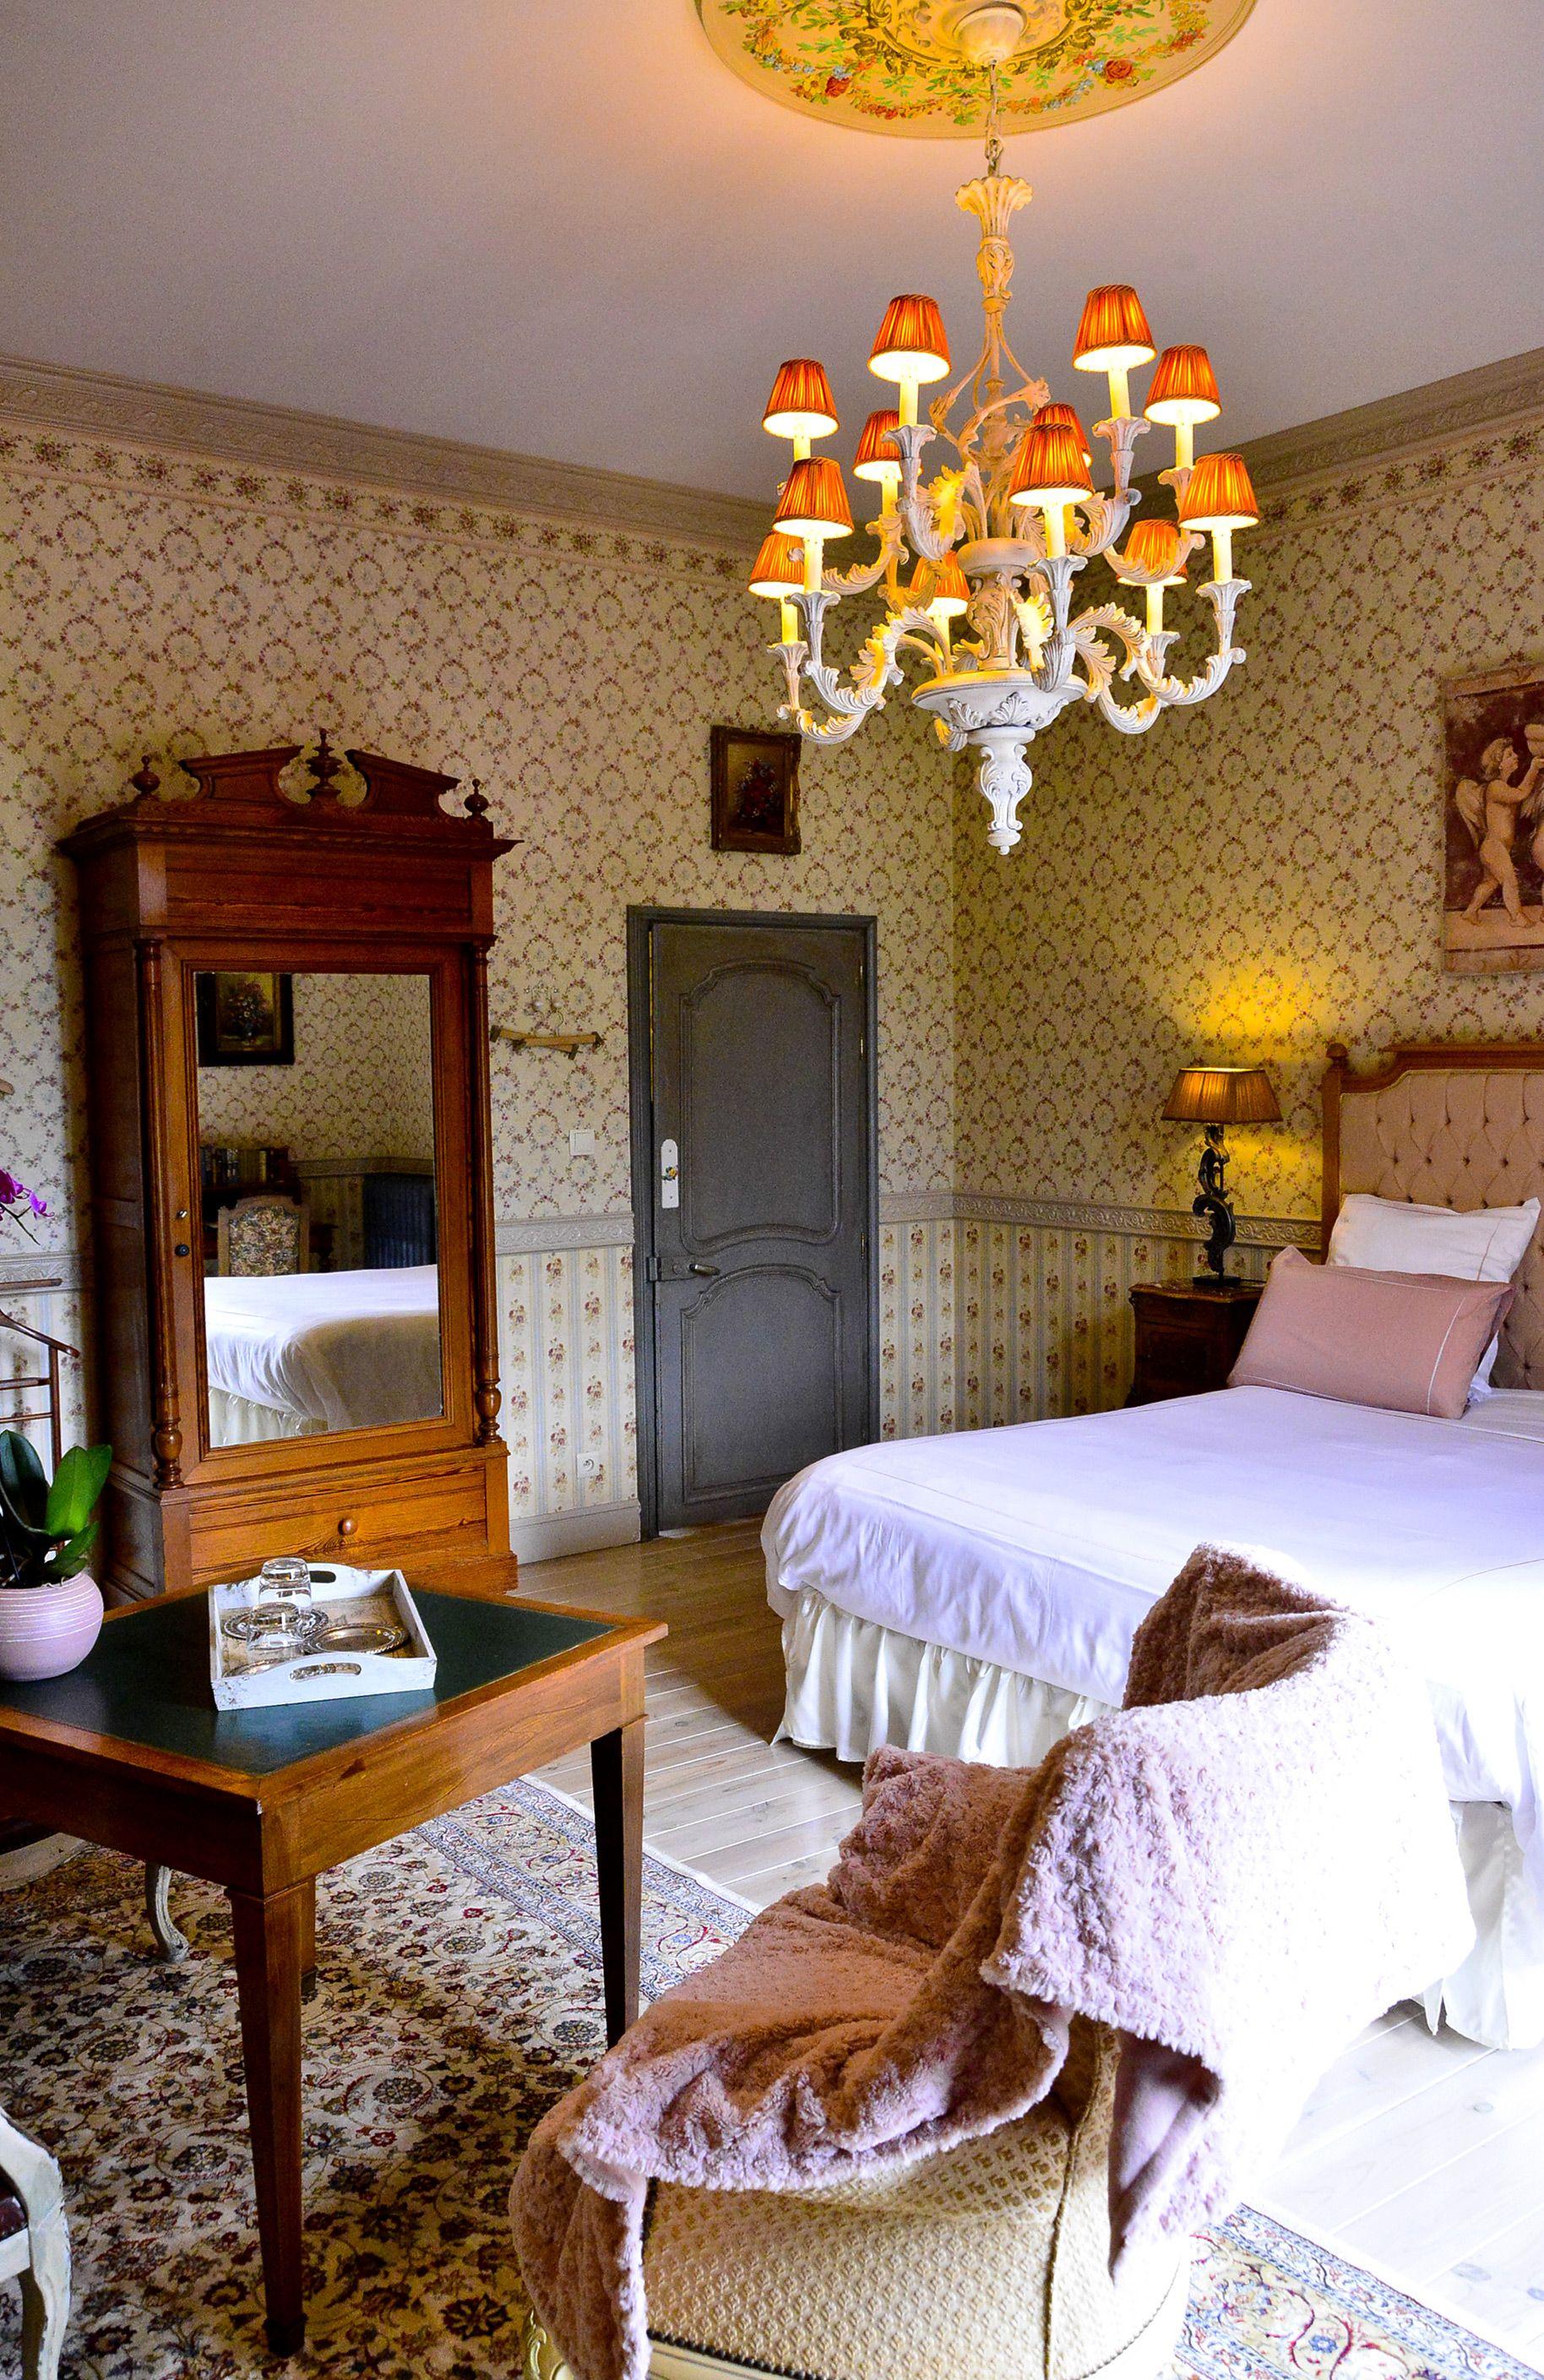 La Chambre De La Comtesse Location Francophone En 2020 Chambre A Louer Chambre A Coucher Decoration Interieure